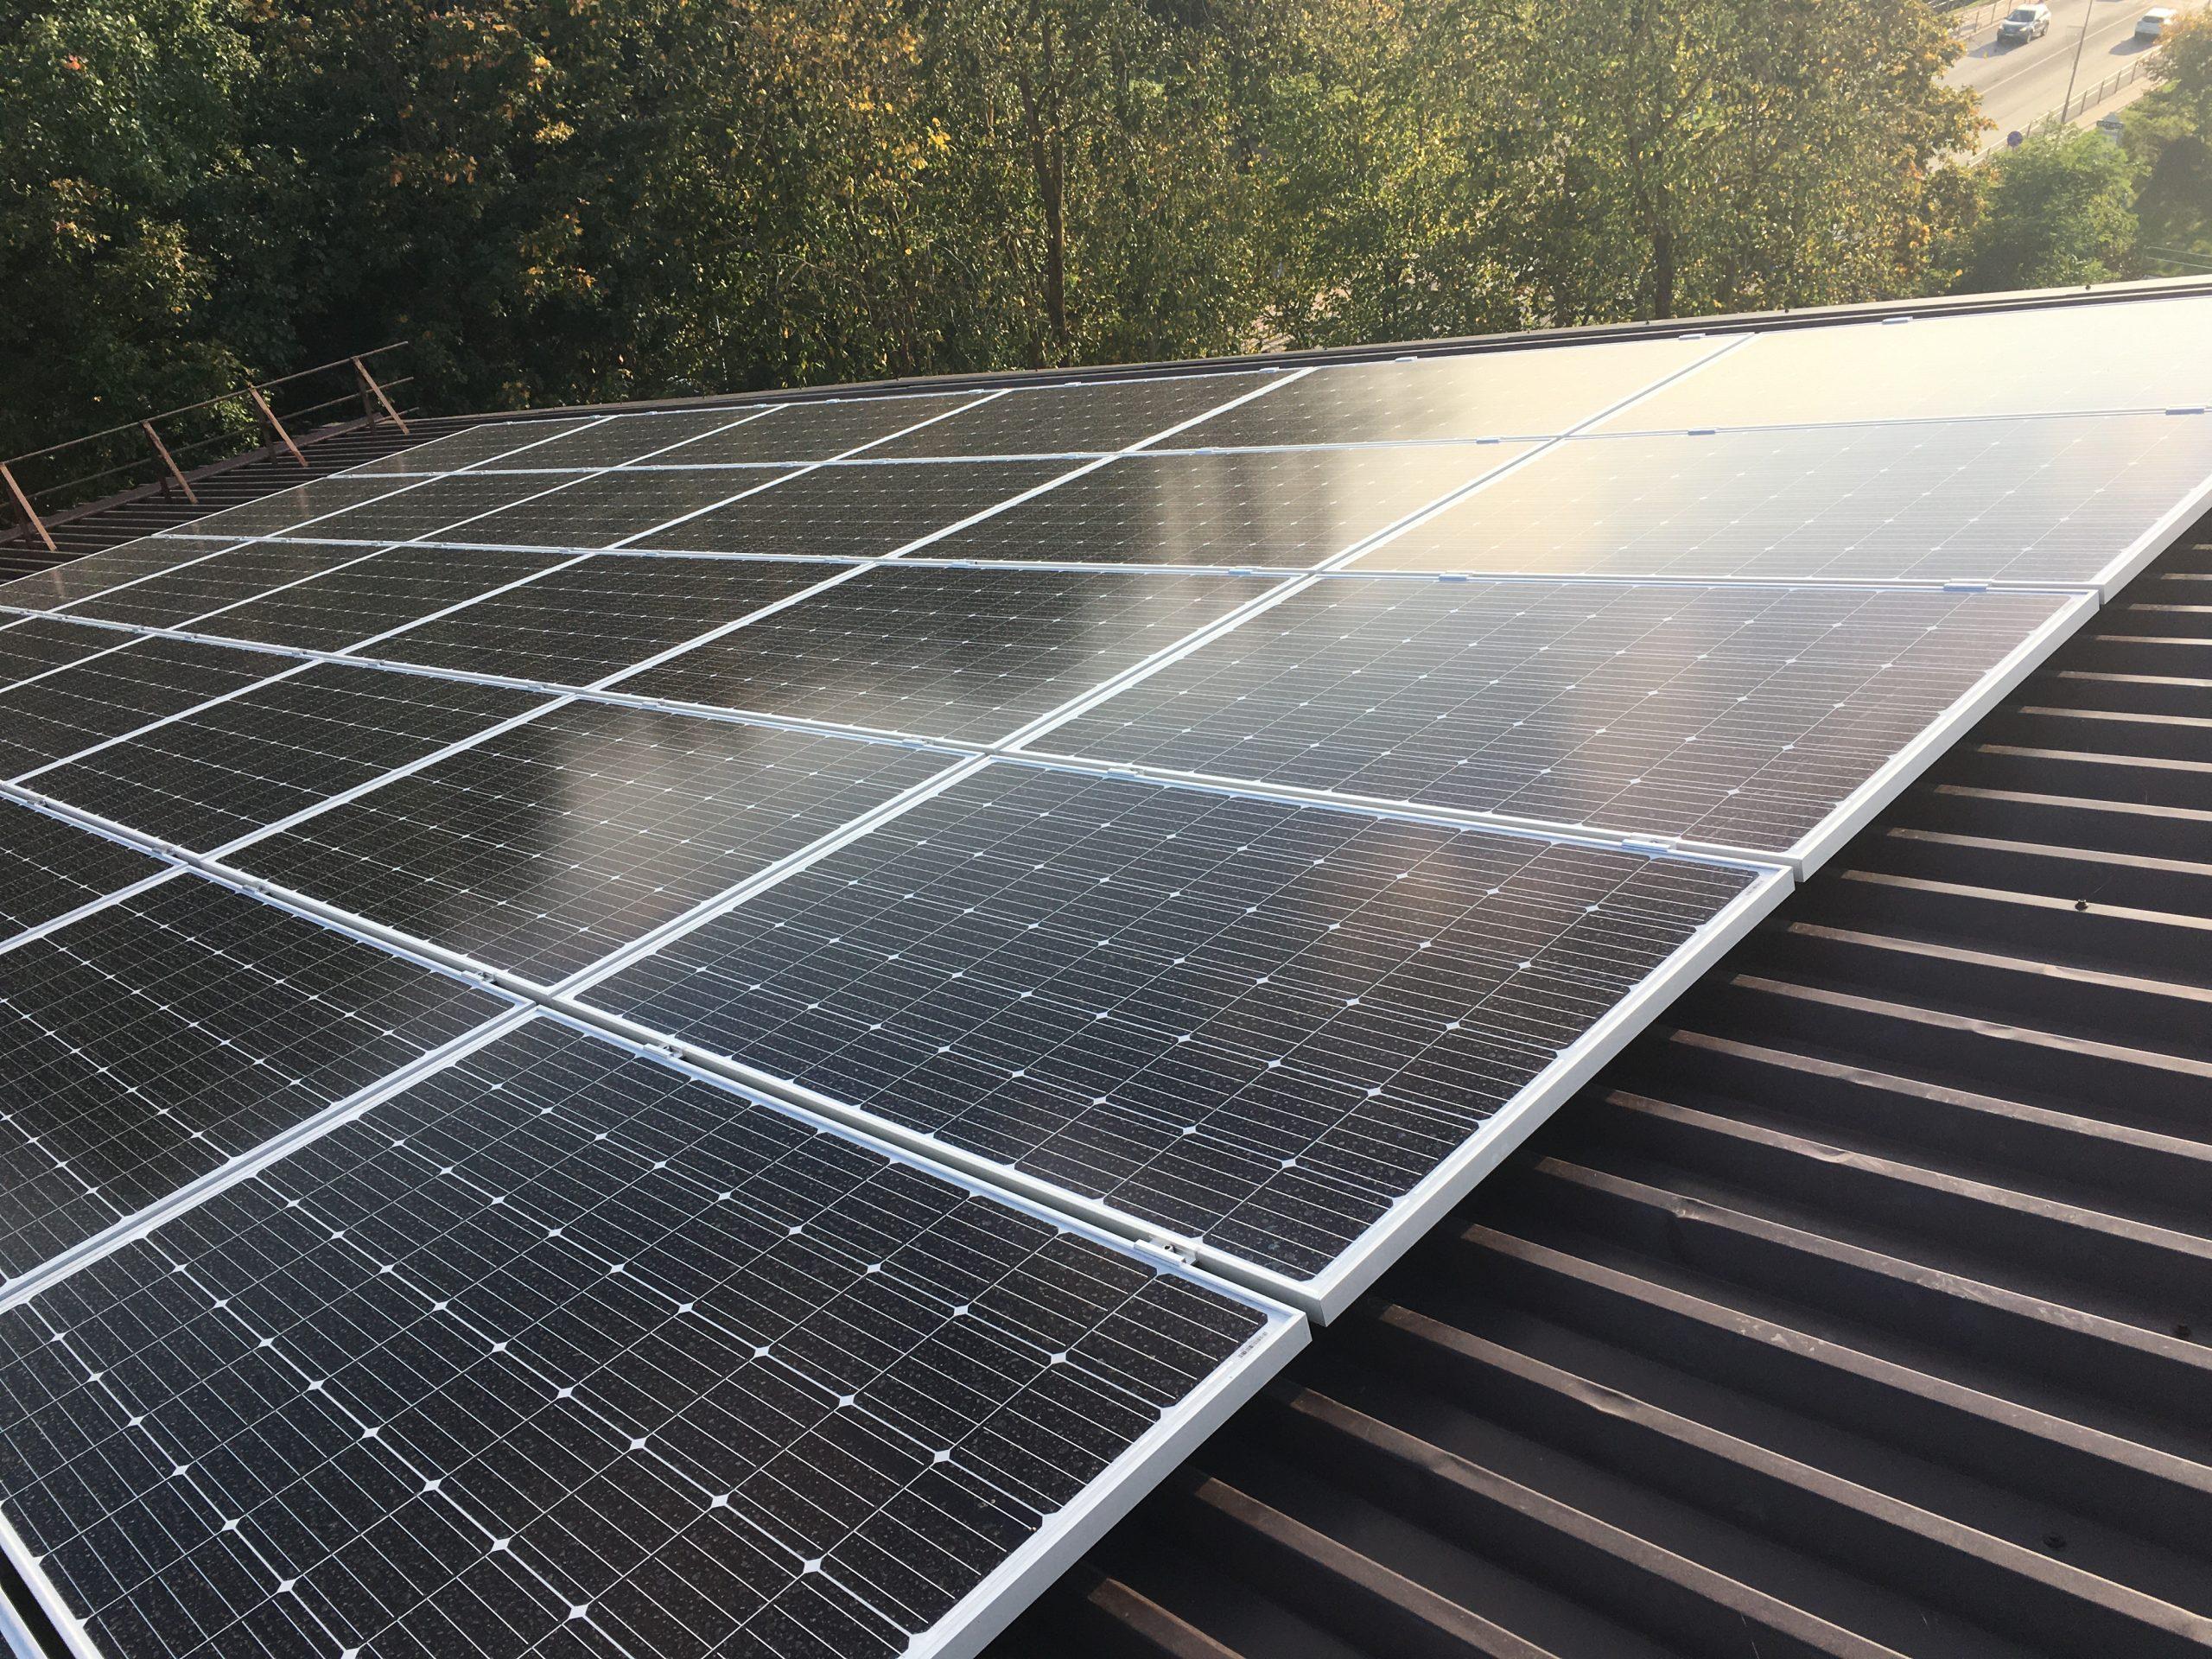 2020-10-26 Tauragės kultūros centre intensyviai vyksta saulės fotovoltinės elektrinės įrengimo darbai